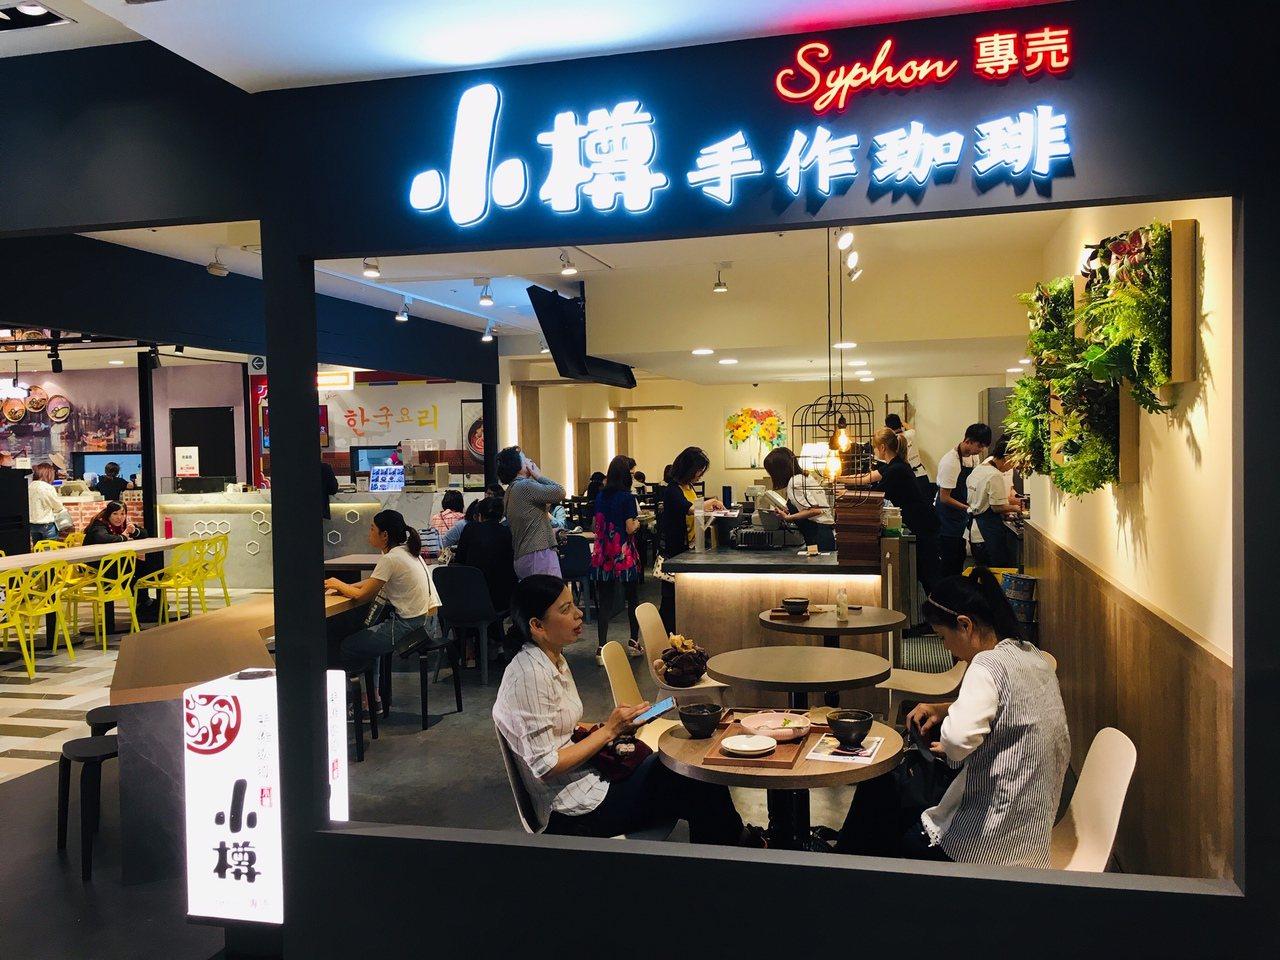 新光三越桃園站前店B1美食街全新登場,引進「小樽手作咖啡」。圖/新光三越提供